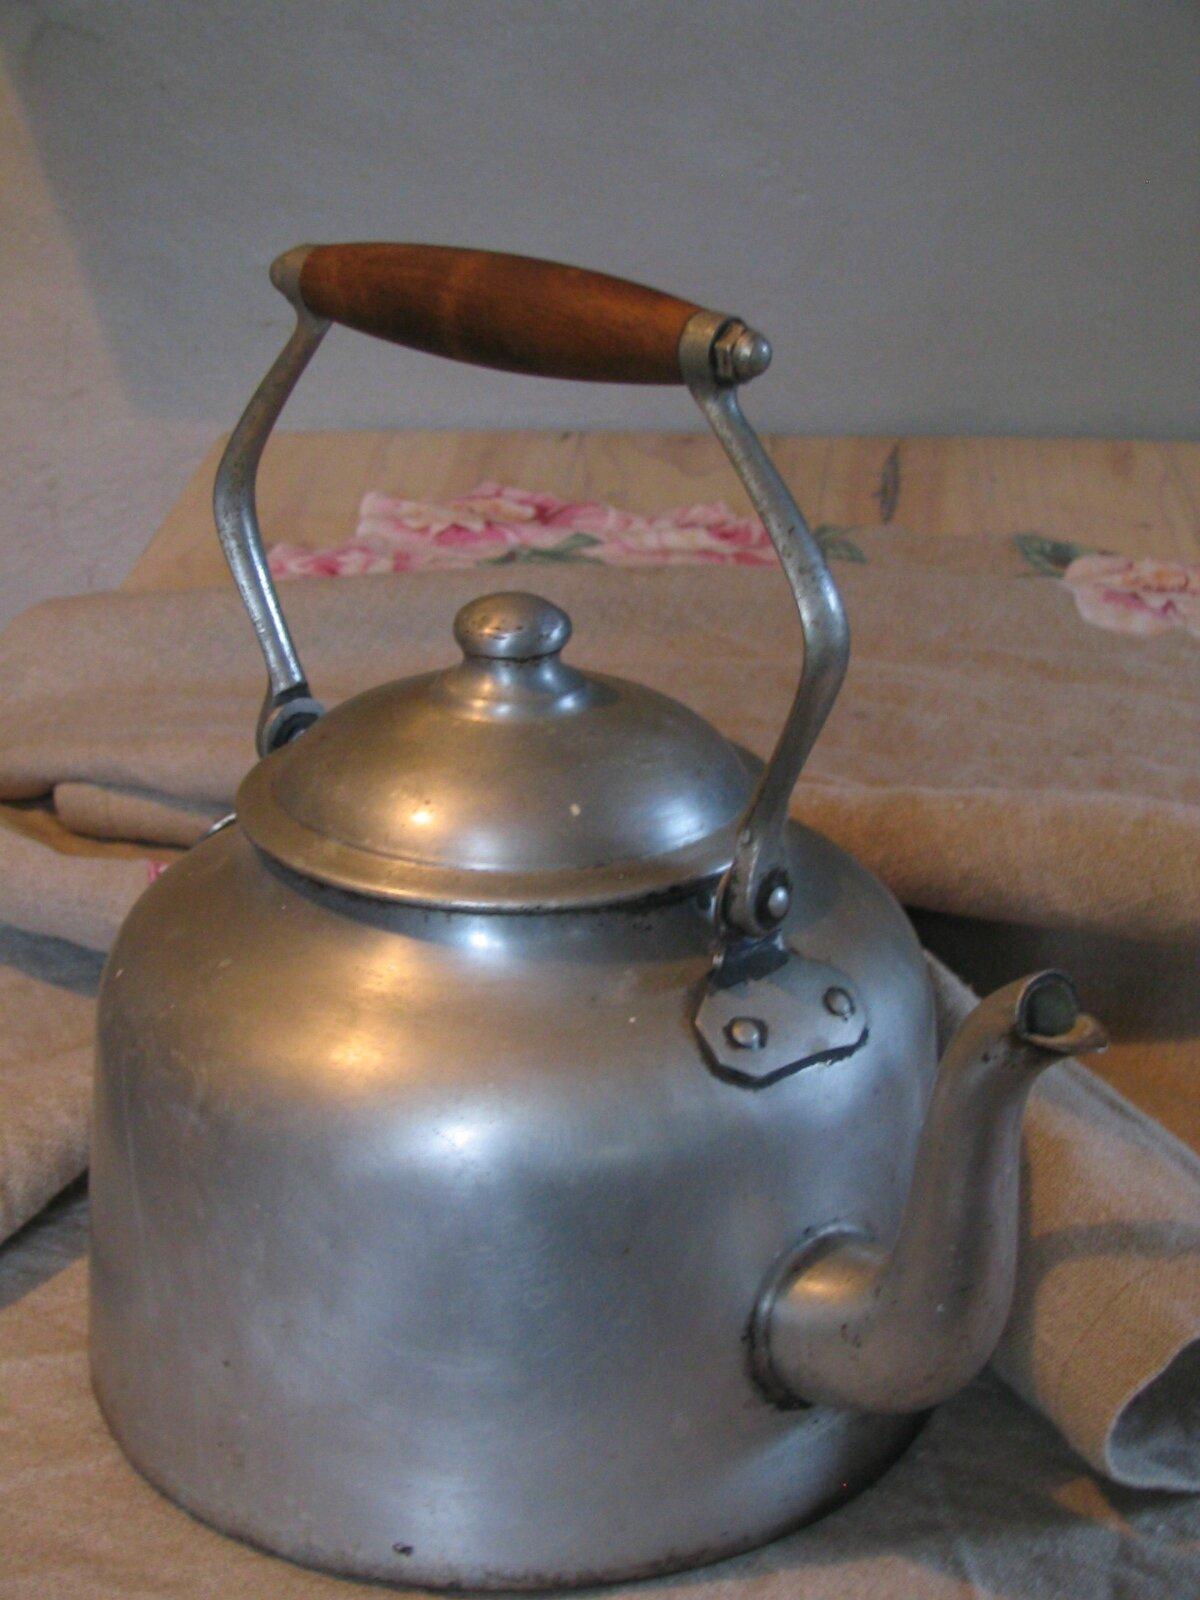 Bouilloire alu photo de mon bric broc - Comment detartrer une bouilloire ...